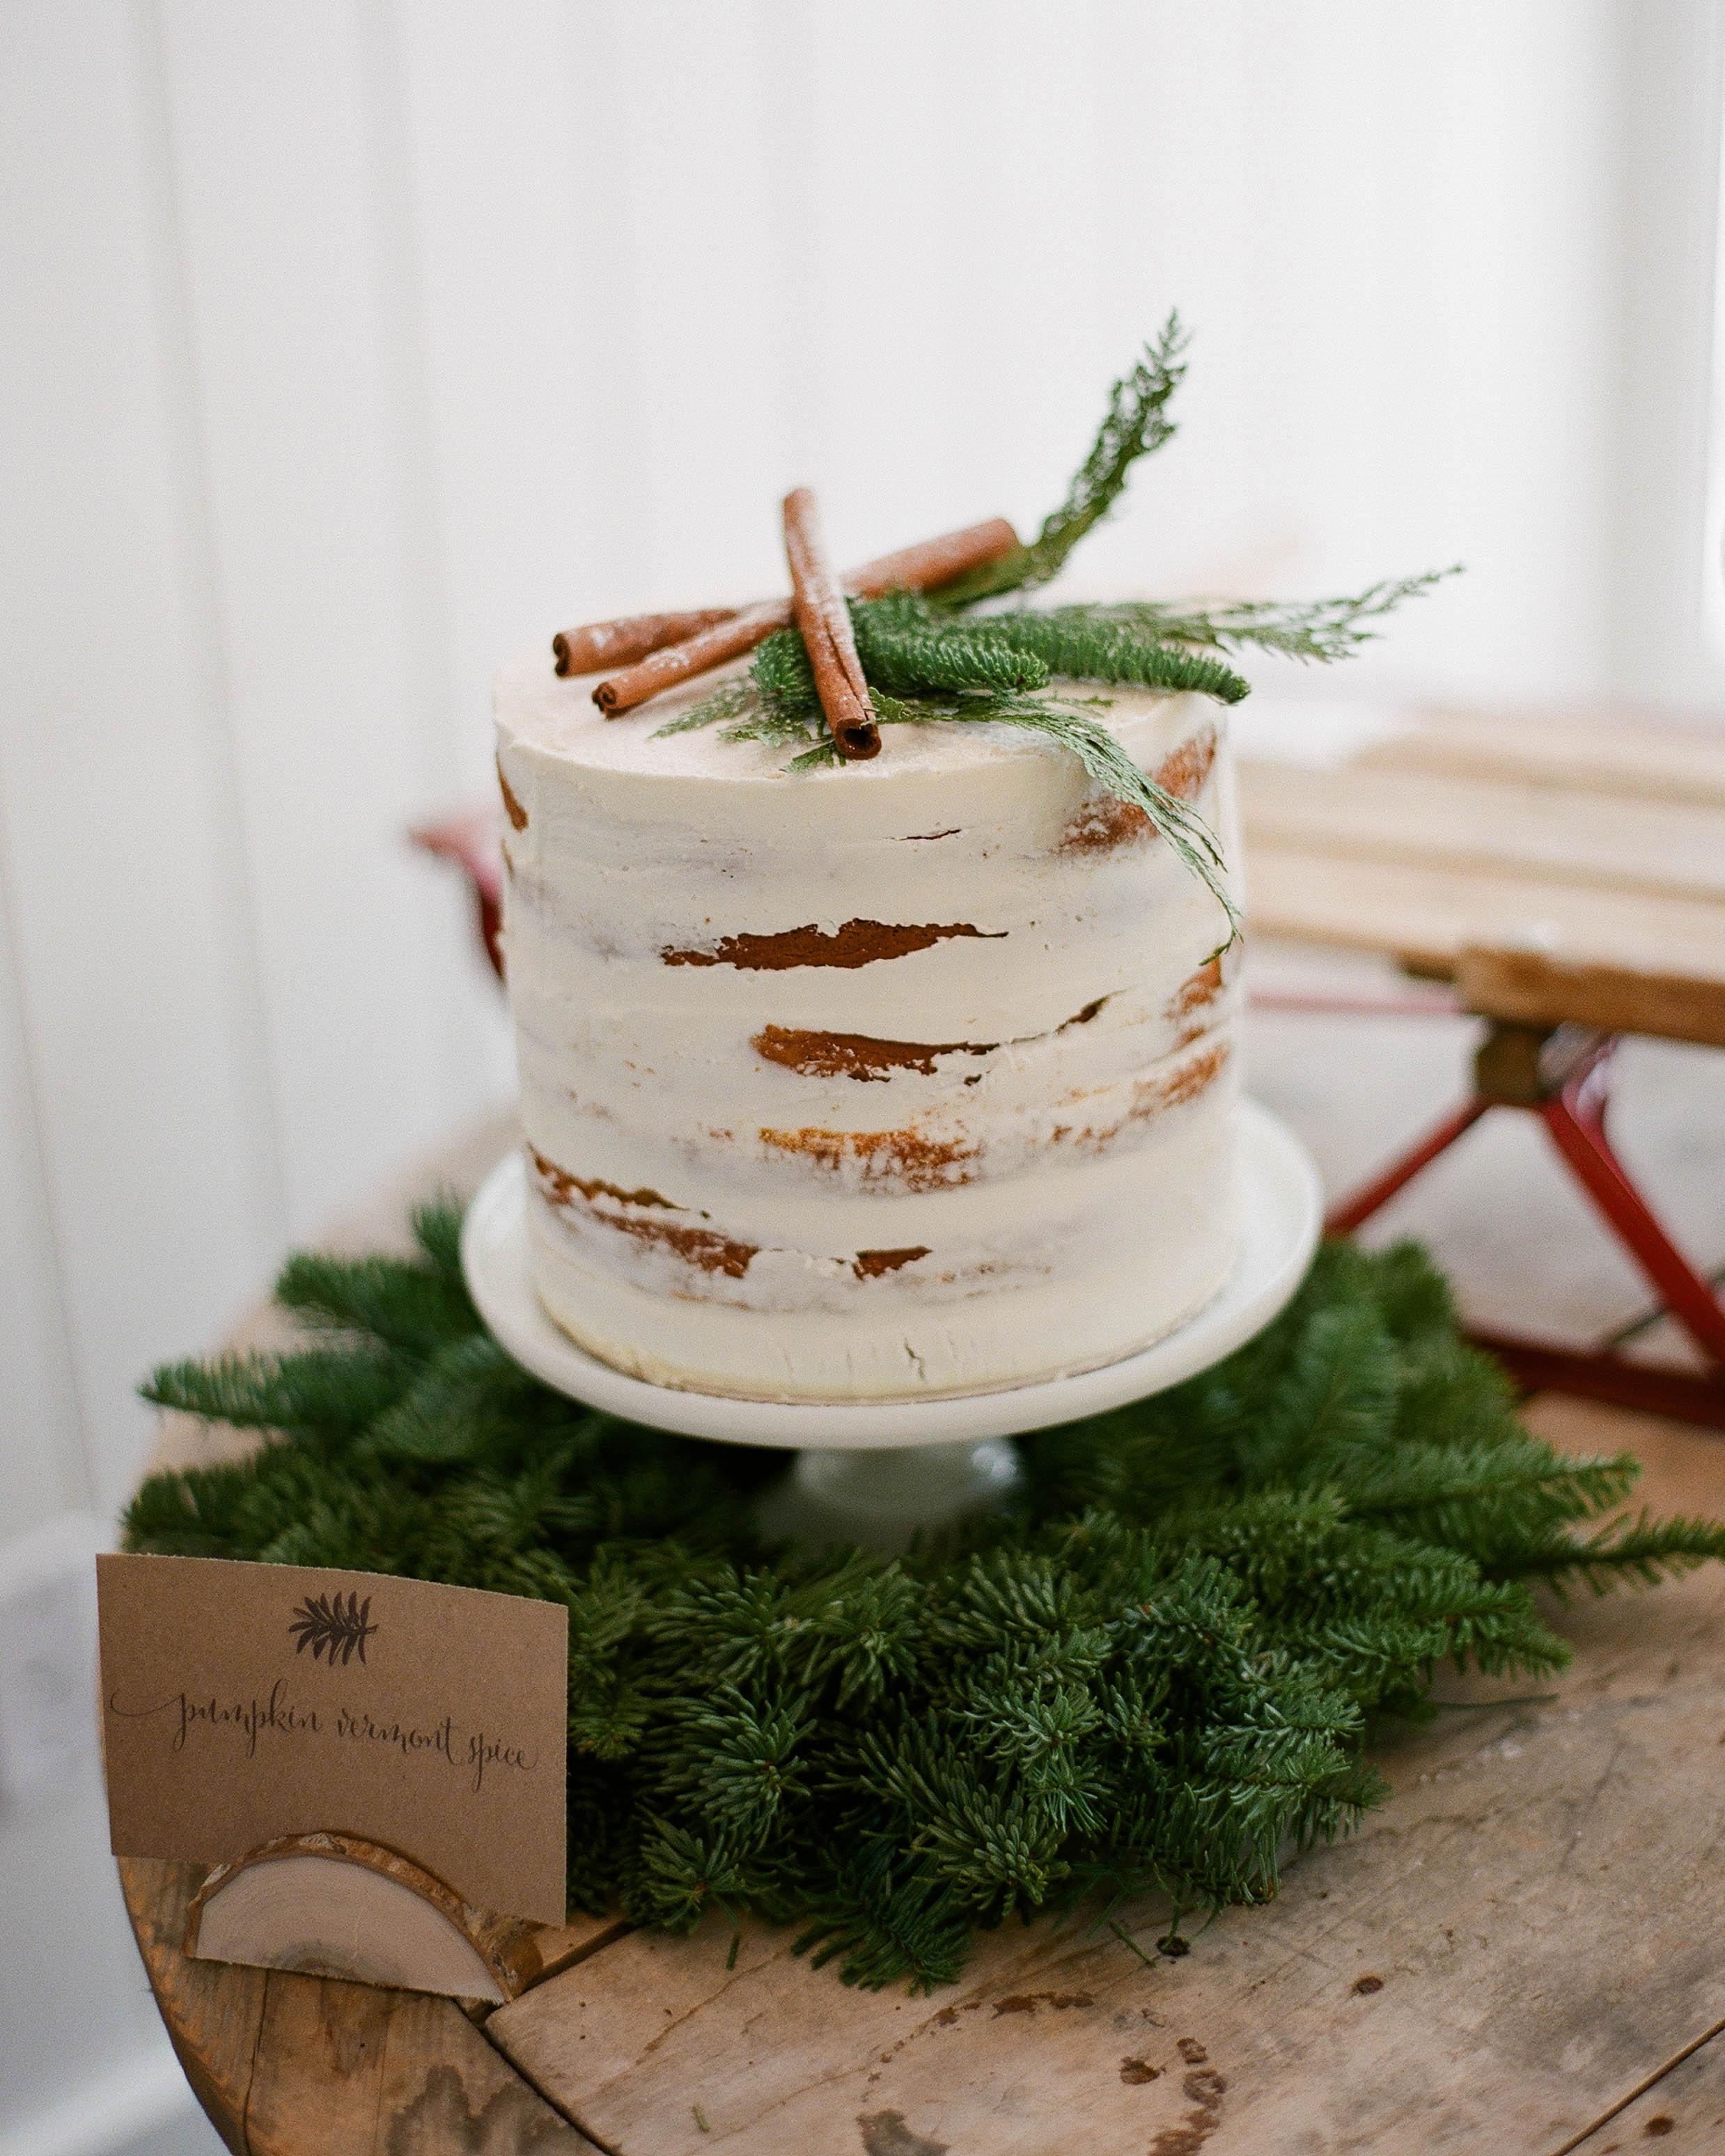 winter-bridal-shower-ideas-pumpkin-vermont-spice-cake-primary-image-1215.jpg